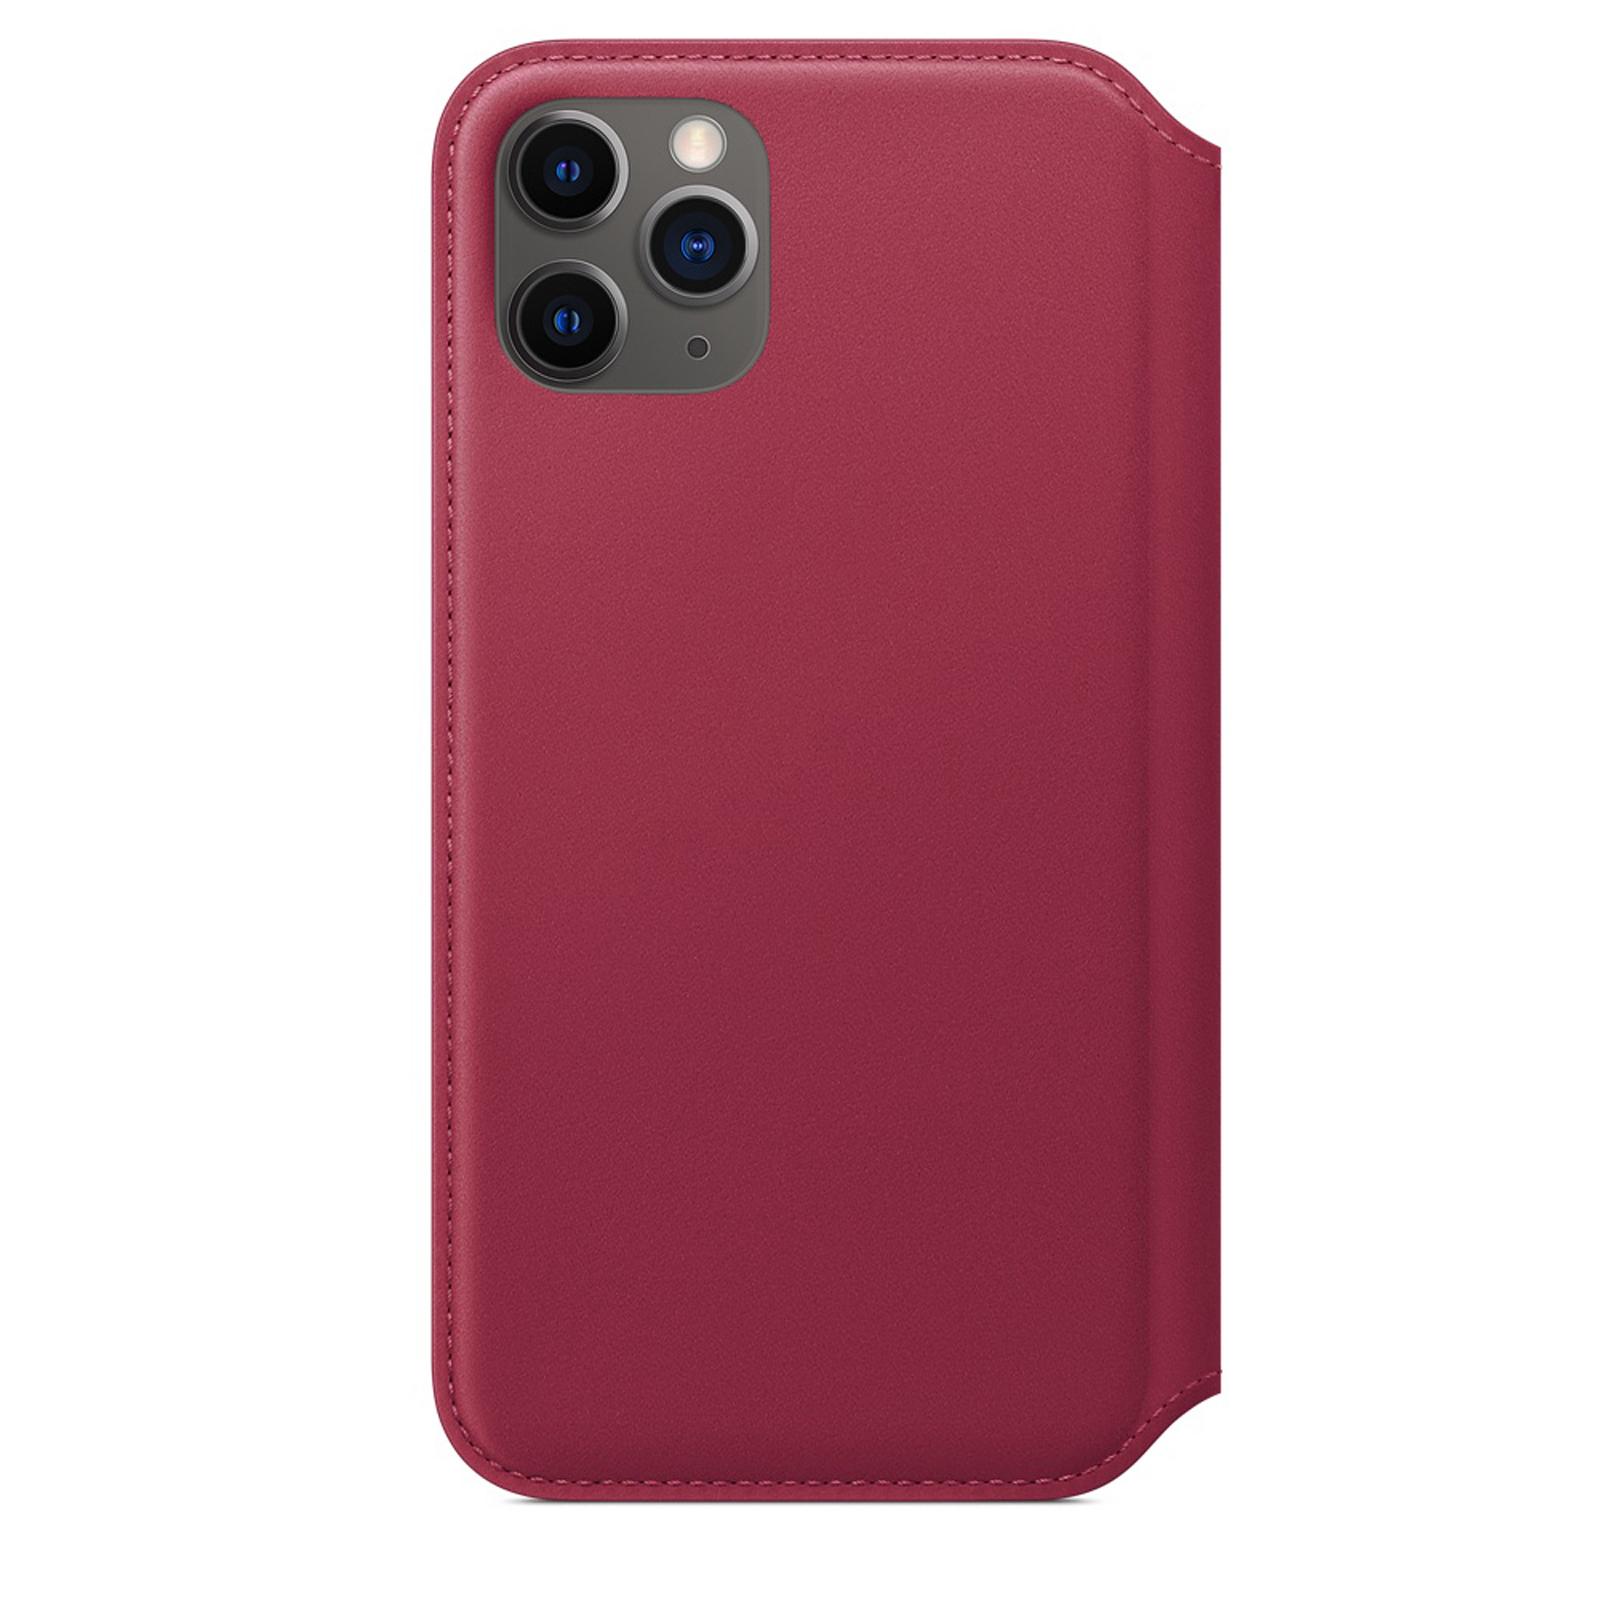 Nouveau-cuir-flip-portefeuille-Folio-Telephone-Etui-Housse-Pour-Apple-iPhone-11-Pro-Max-Xs-XR miniature 55